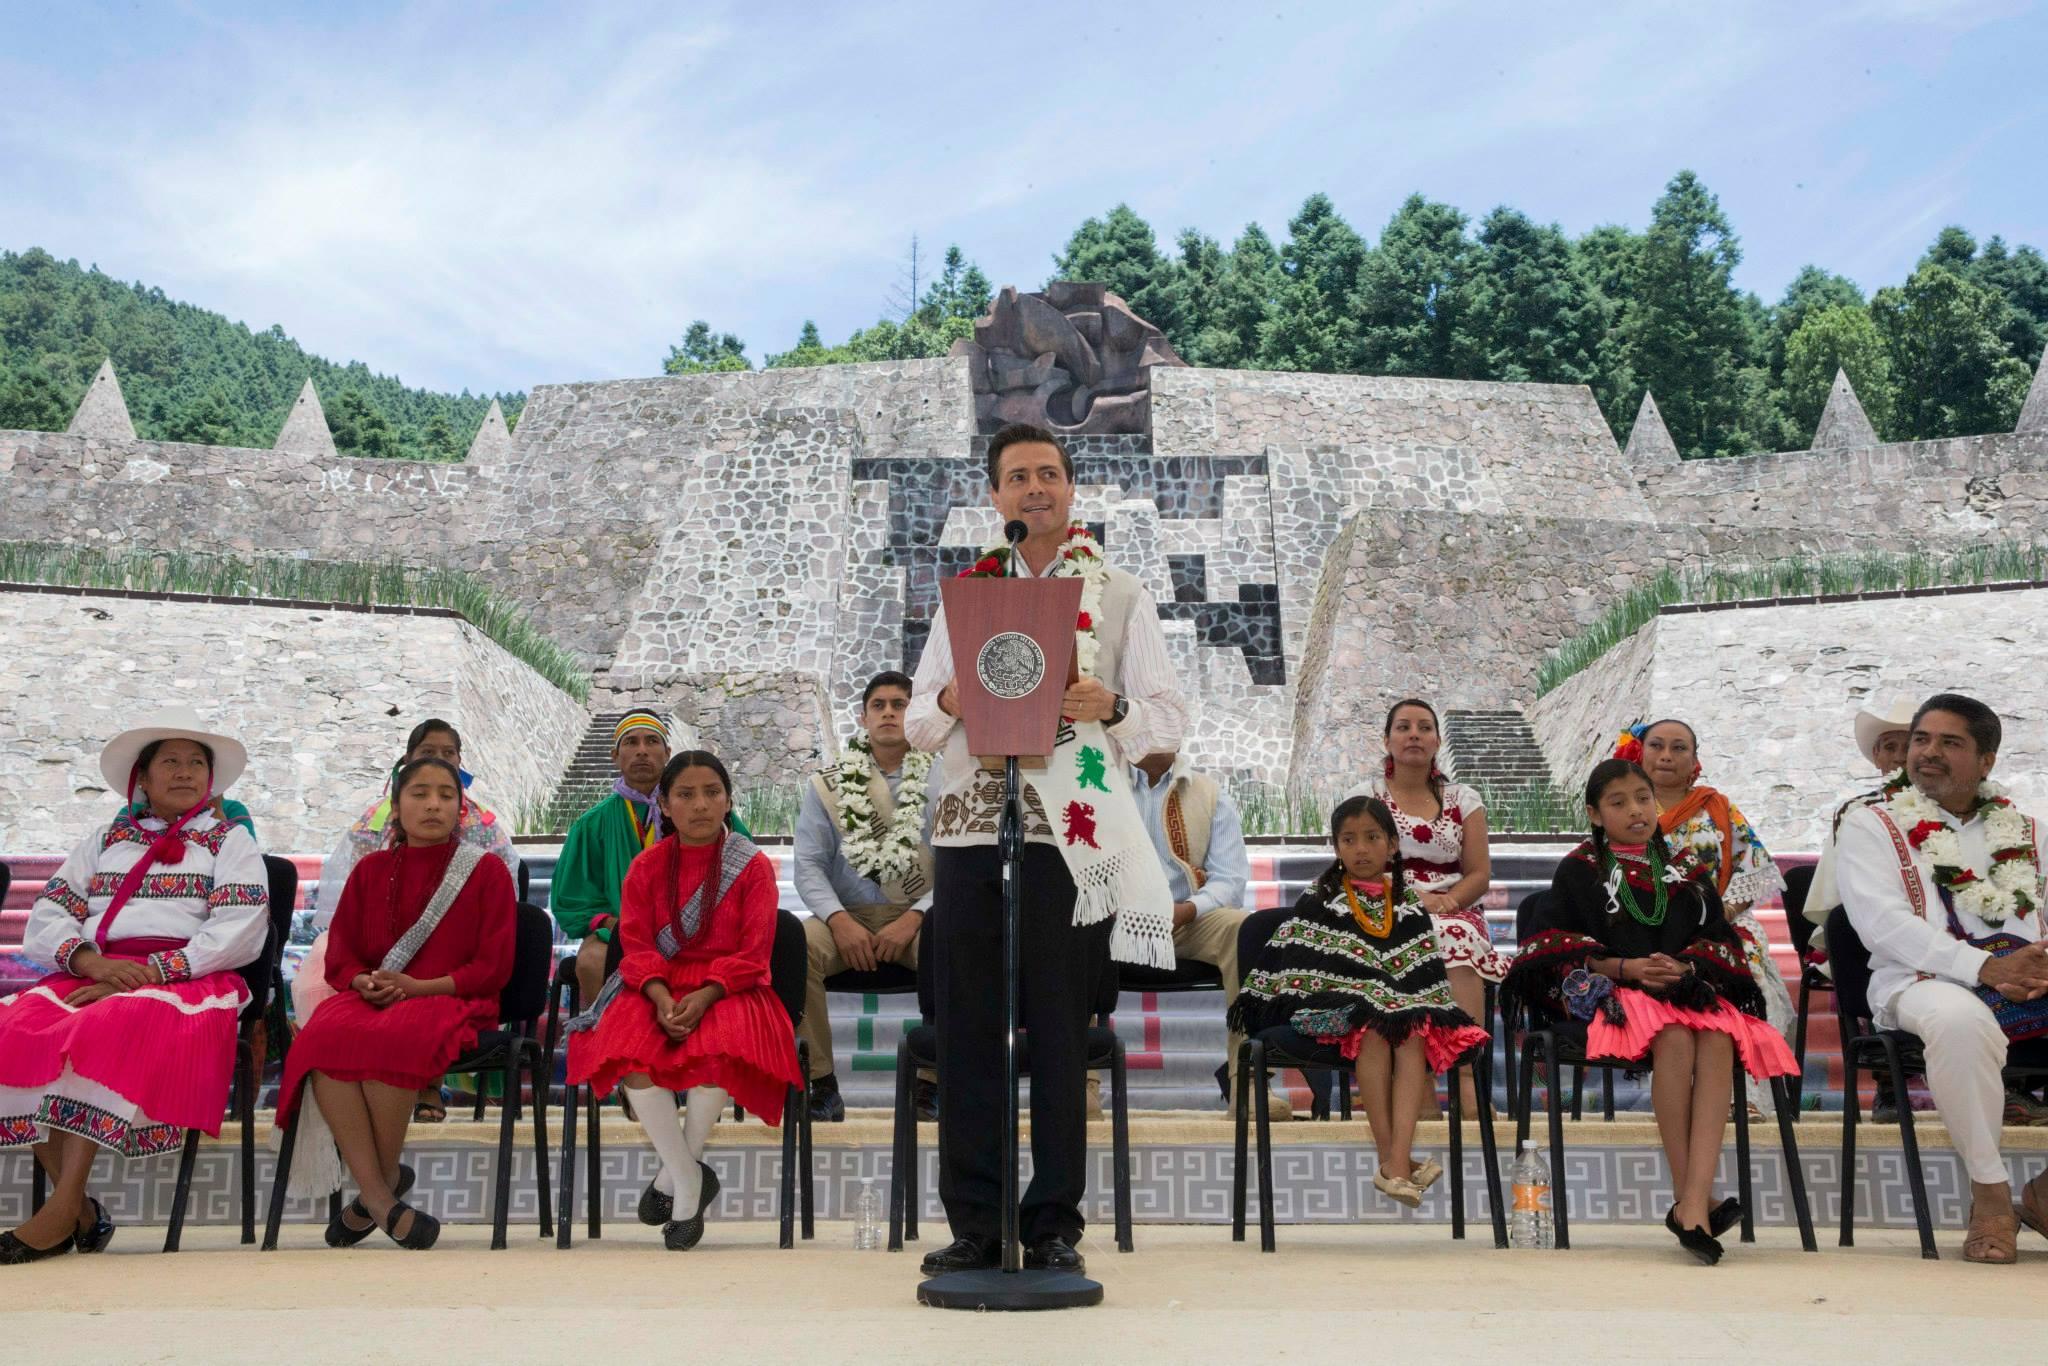 Palabras del Presidente Enrique Peña Nieto, durante la Conmemoración del Día Internacional de los Pueblos Indígenas